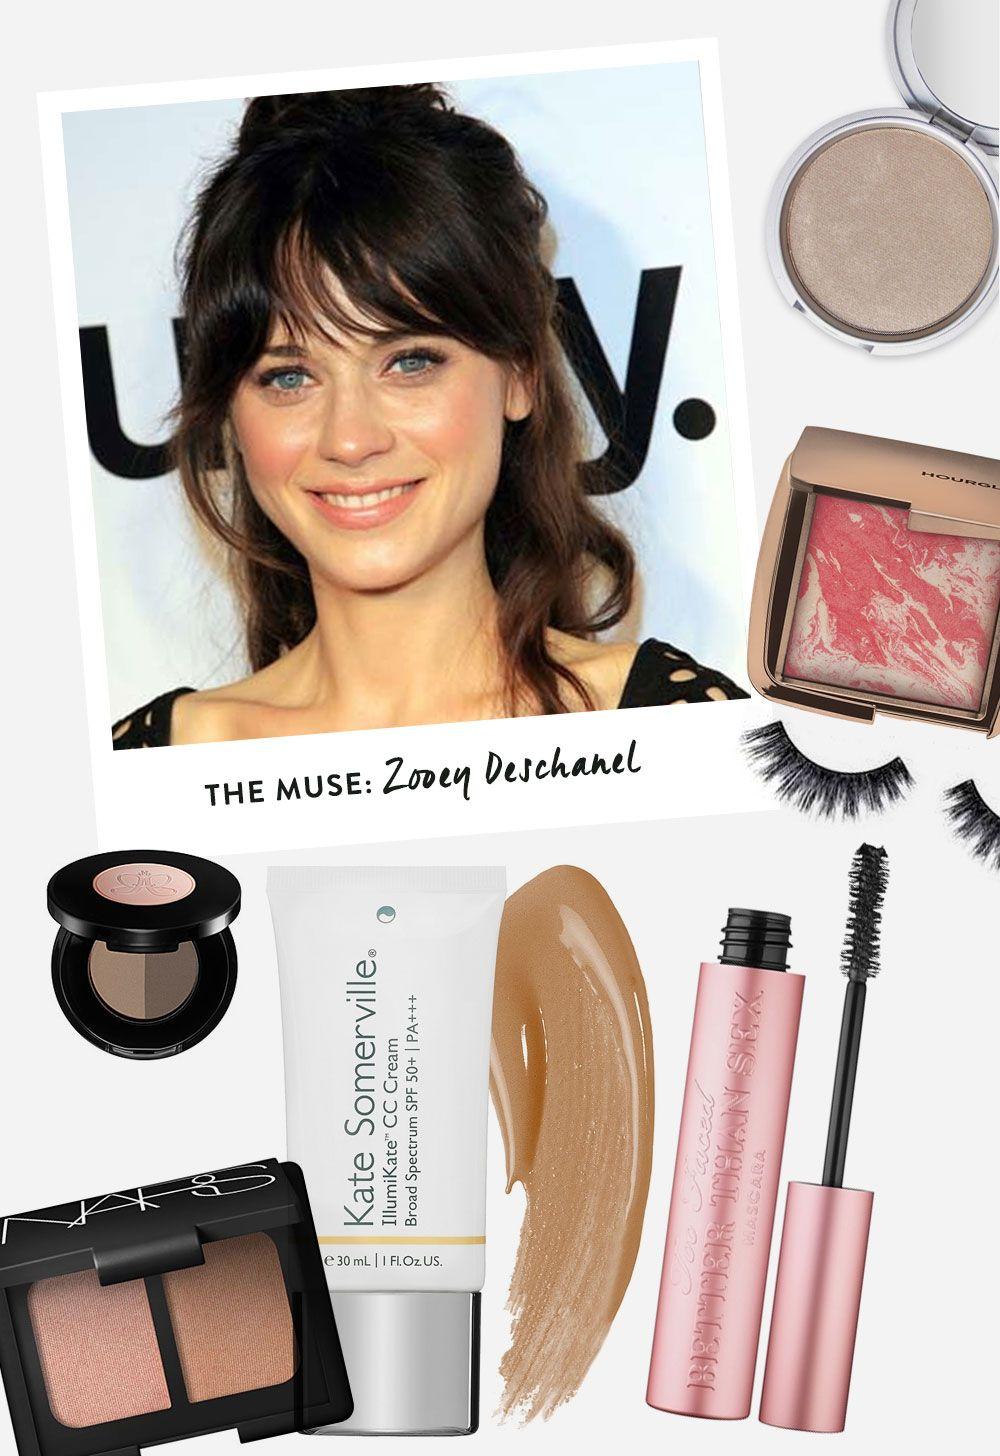 Zooey Deschanels Beauty Routine pictures